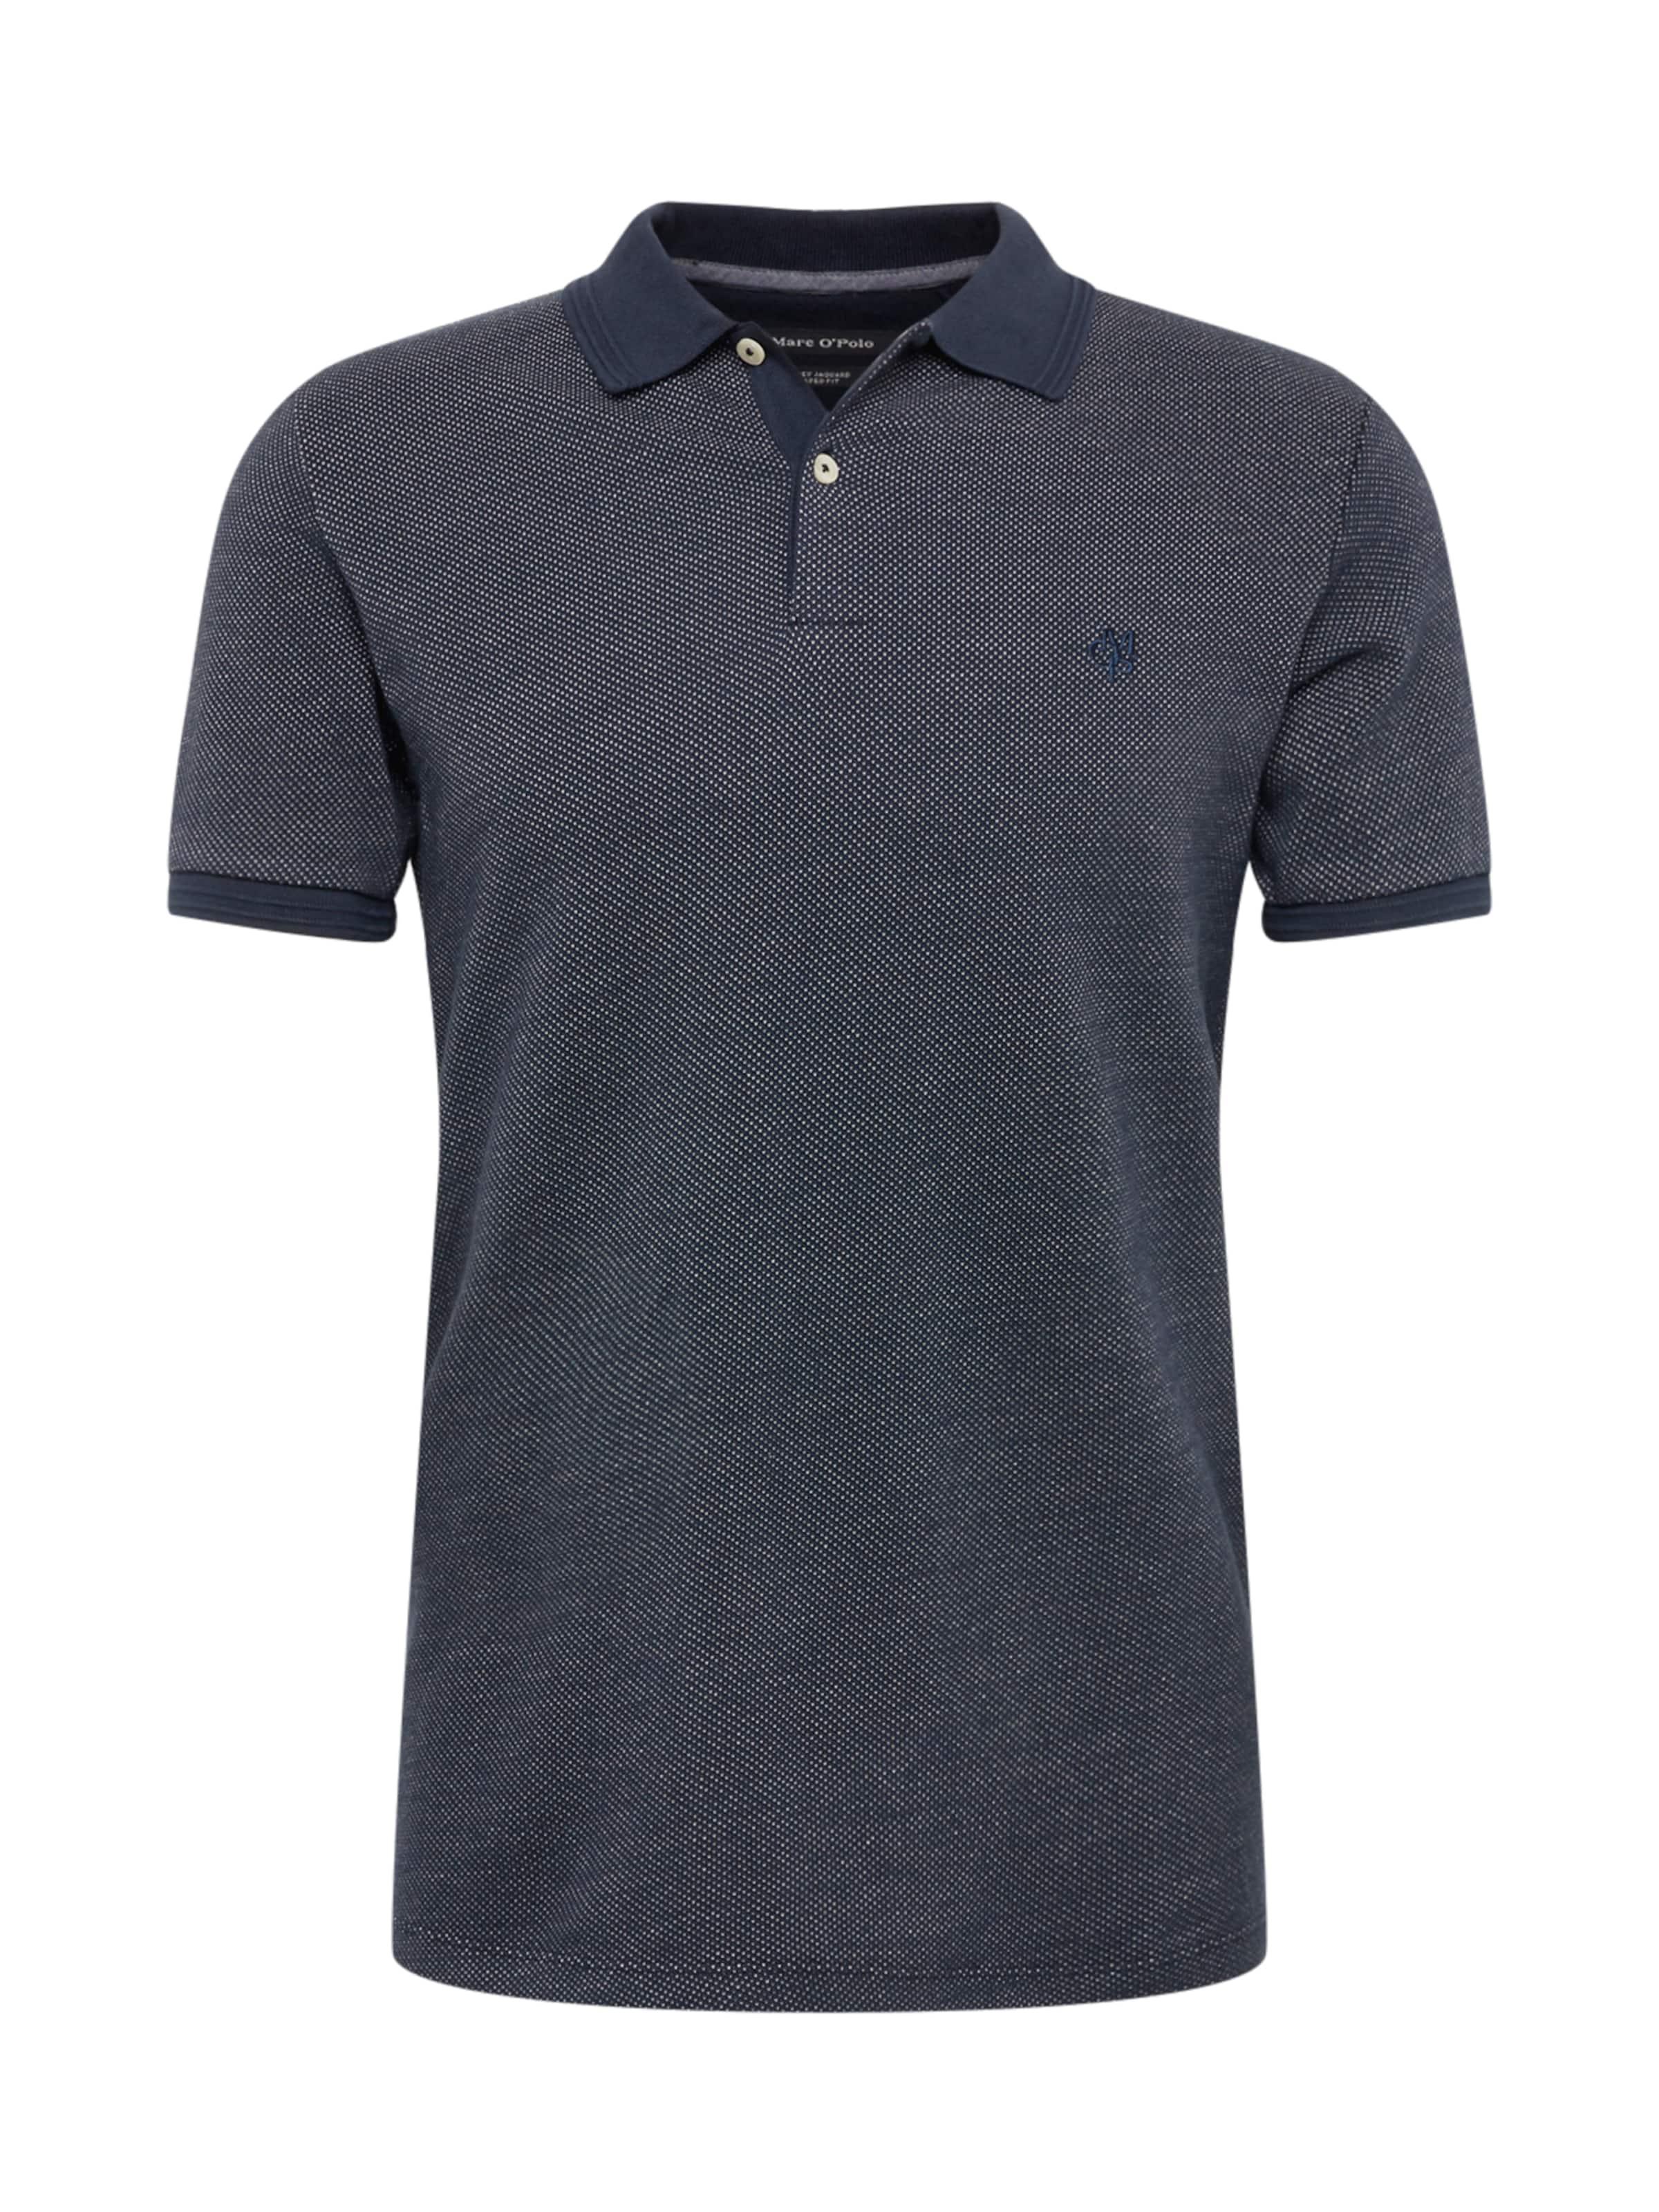 Marc shirt T Bleu Foncé O'polo En cFul13T5KJ